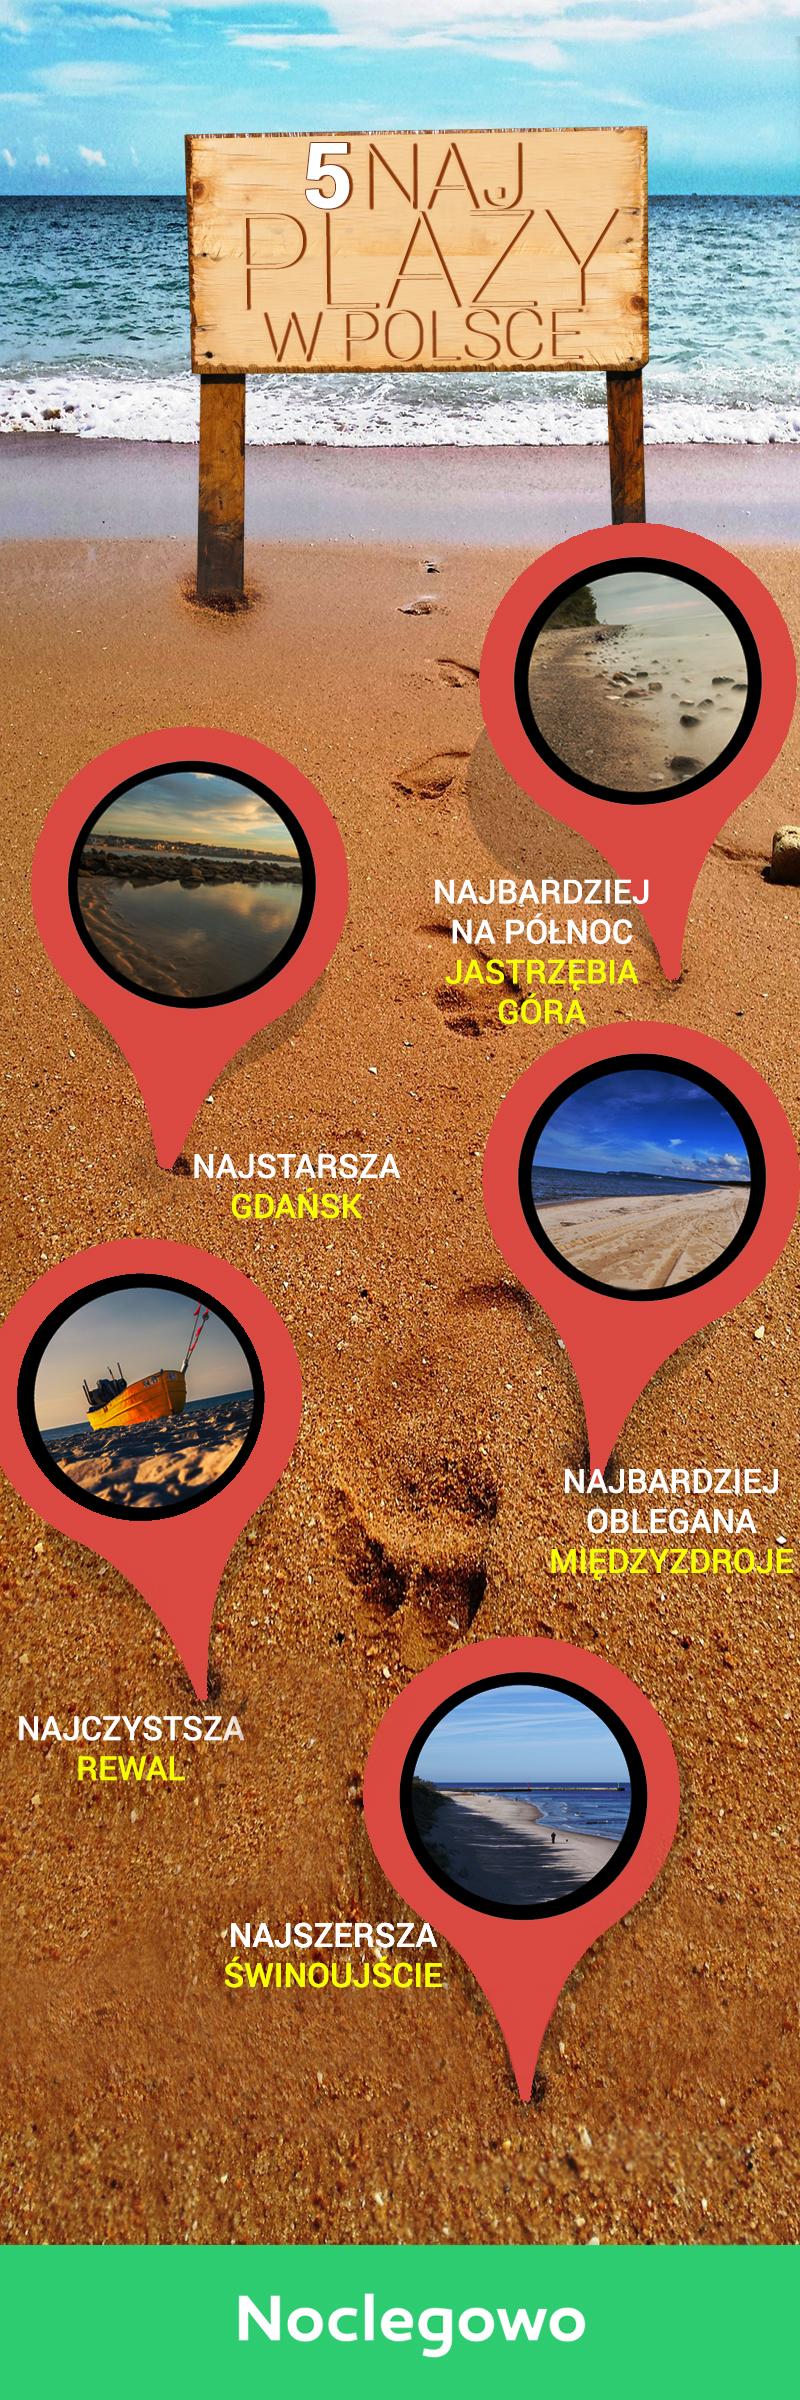 5Naj - 5 najlepszych plaż w Polsce